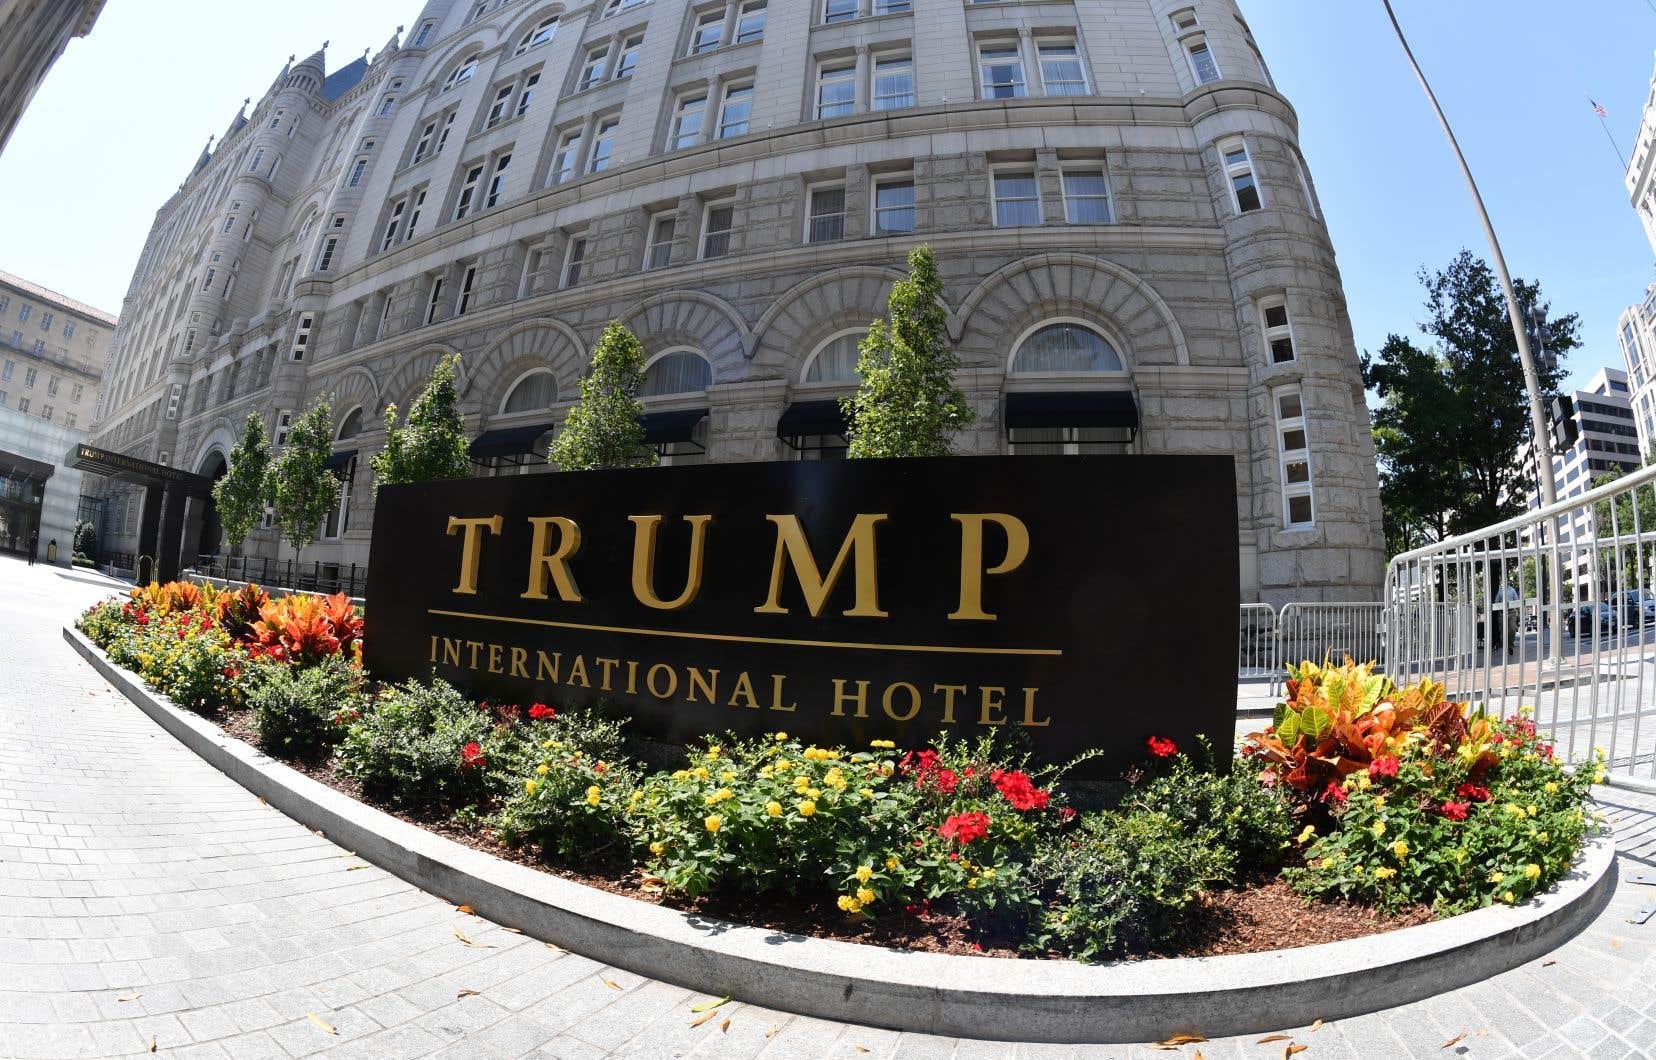 Donald Trump est accusé d'enfreindre la Constitution américaine en conservant ses parts dans un hôtel de Washington accueillant des représentants de gouvernements étrangers.